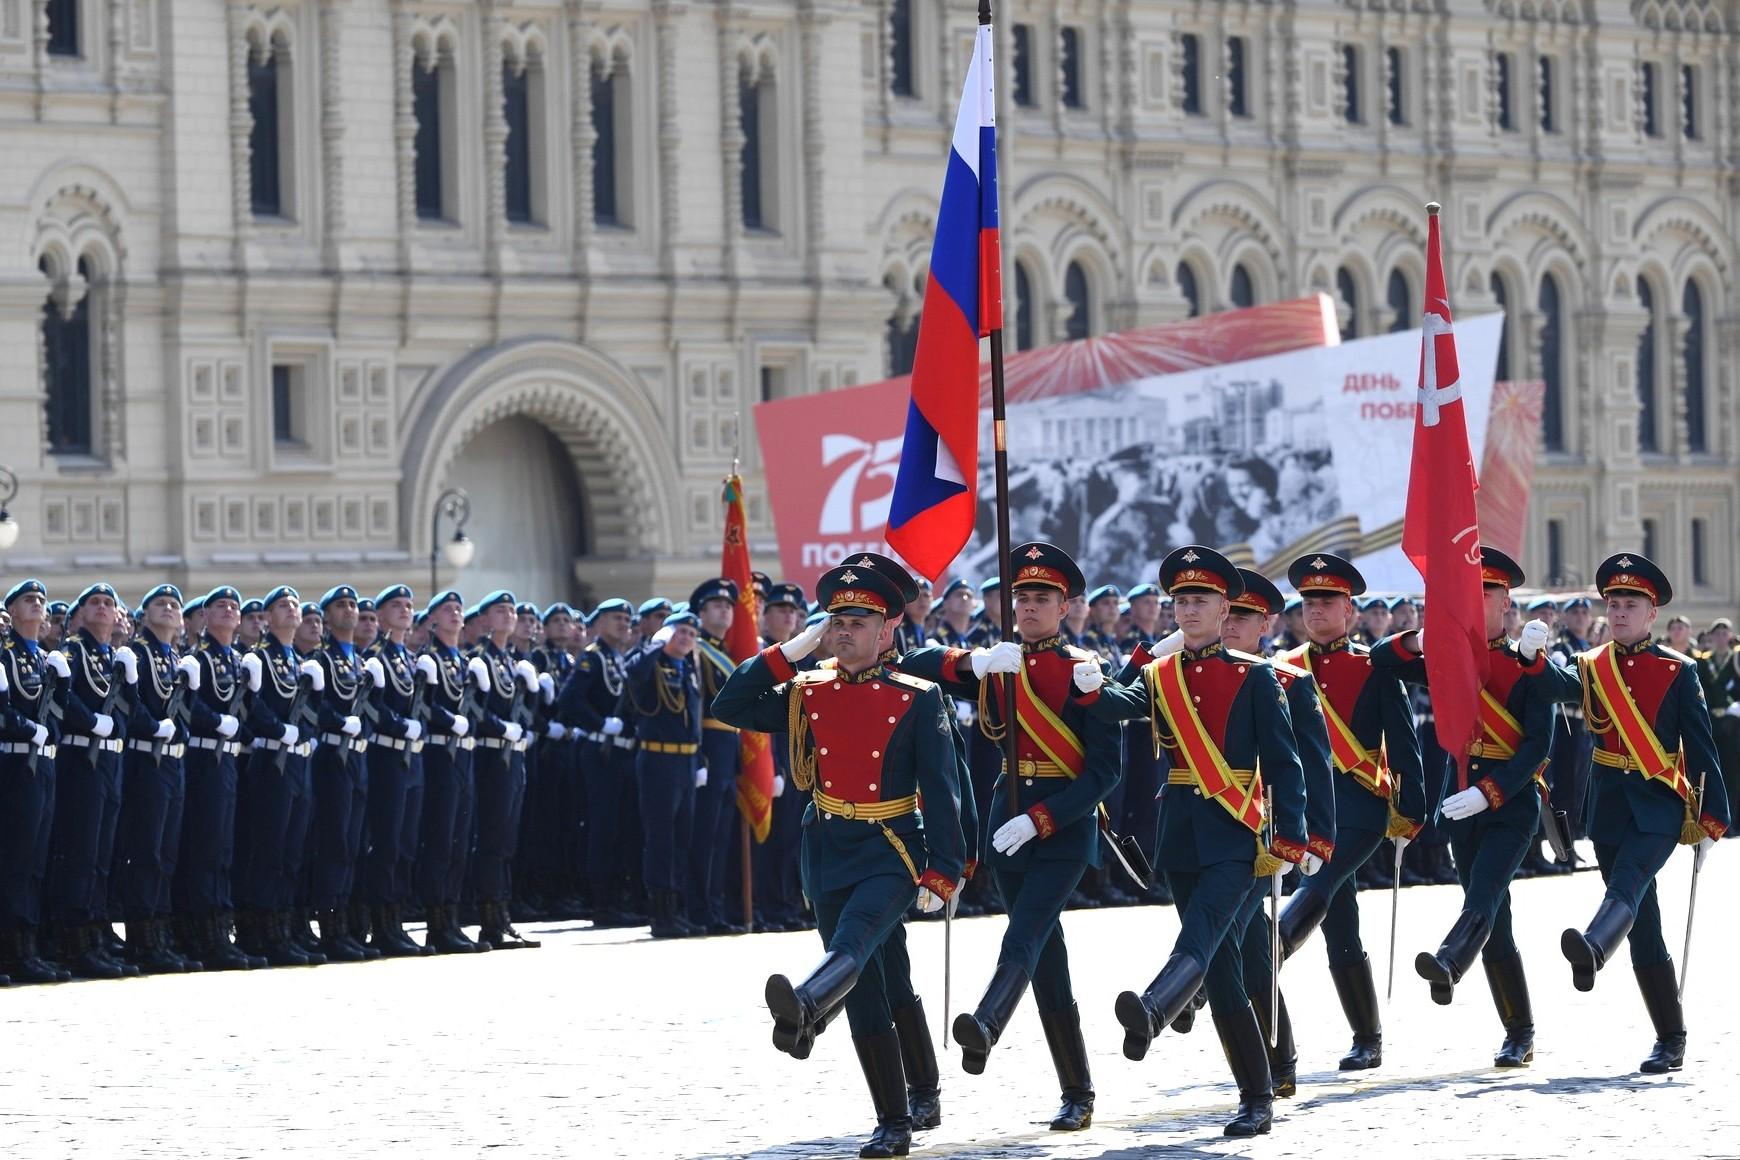 Pripadnici ruske armije tokom marša sa zastavom Rusije na vojnoj paradi povodom Dana pobede u Drugom svetskom ratu, Moskva, 24. jun 2019. (Foto: RIA Novosti/kremlin.ru)